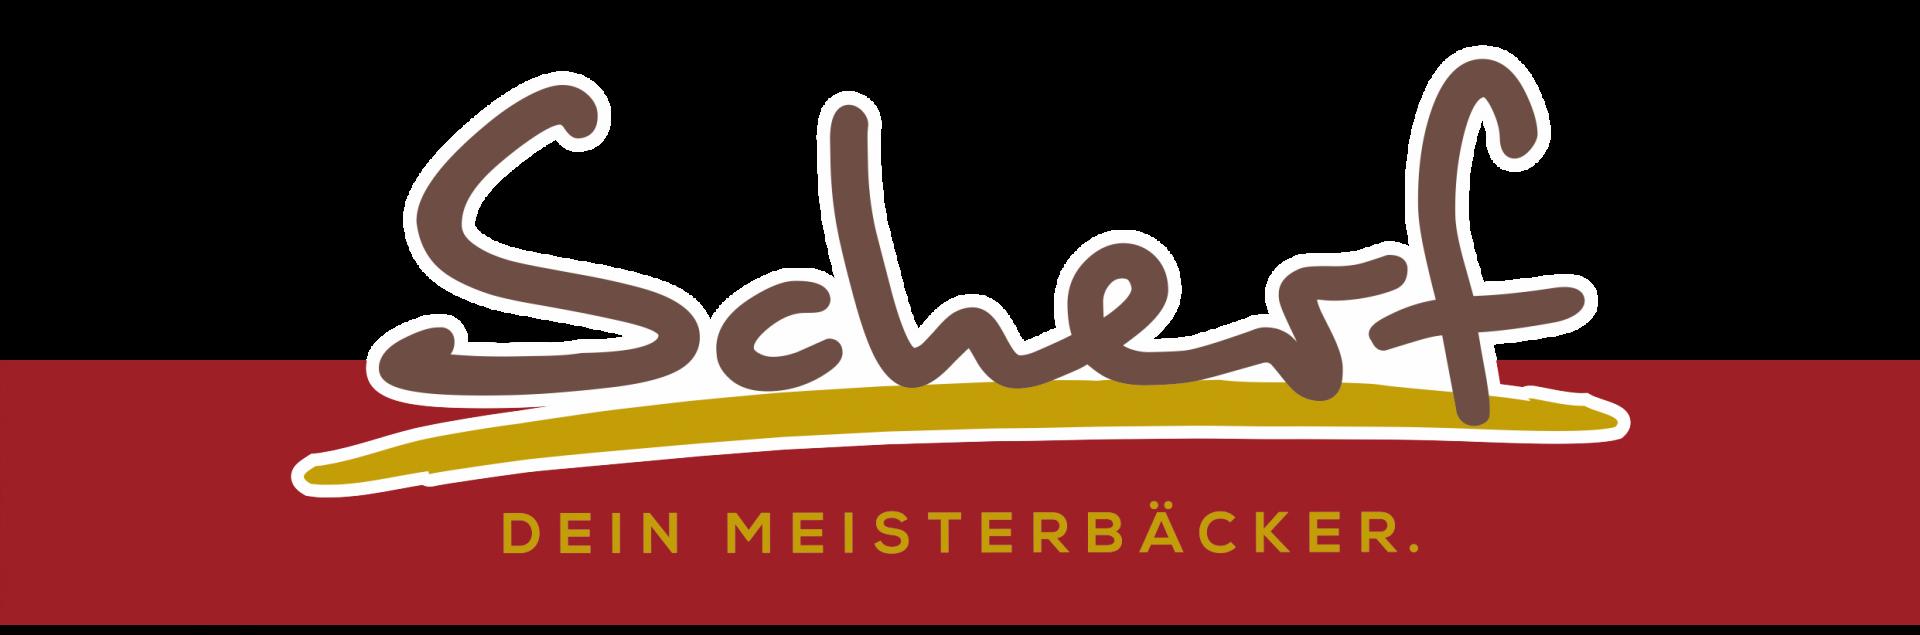 Scherf_Meisterbäcker_Logo_transparent